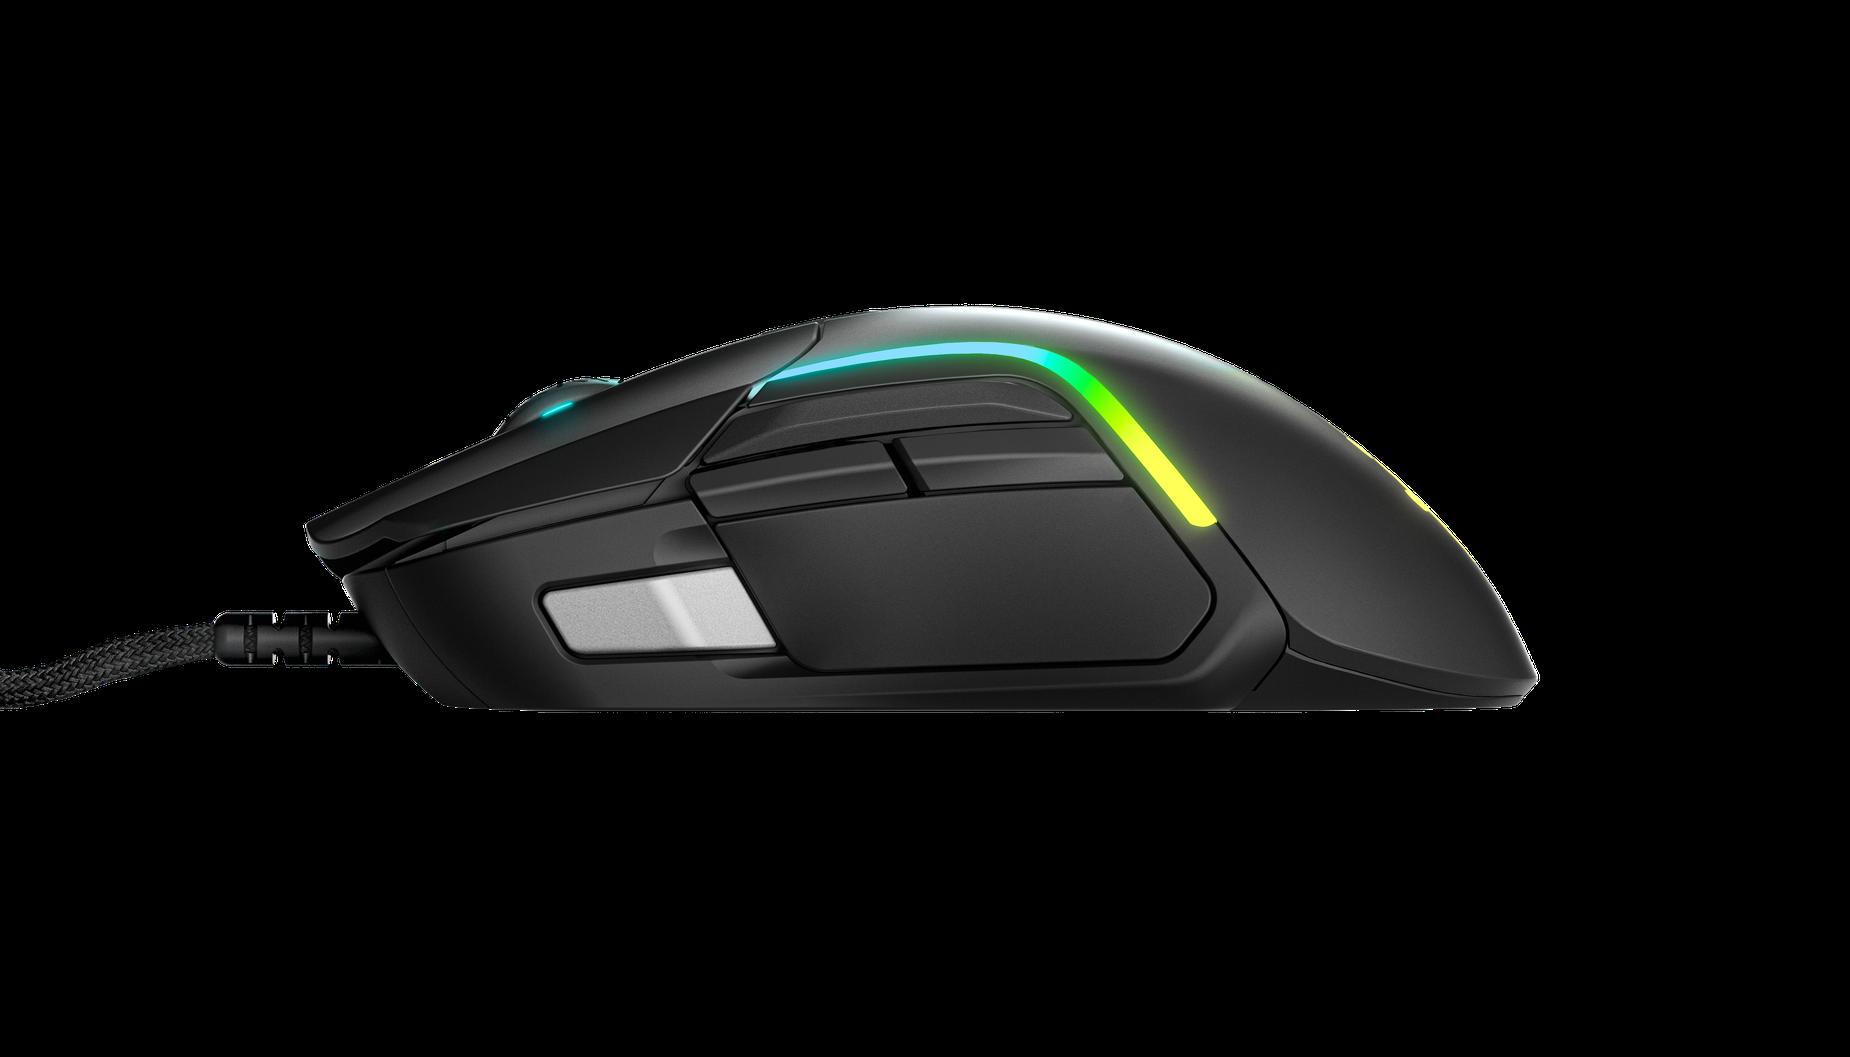 側向展示 Rival 5 遊戲滑鼠以檢視側邊快速動作按鈕。